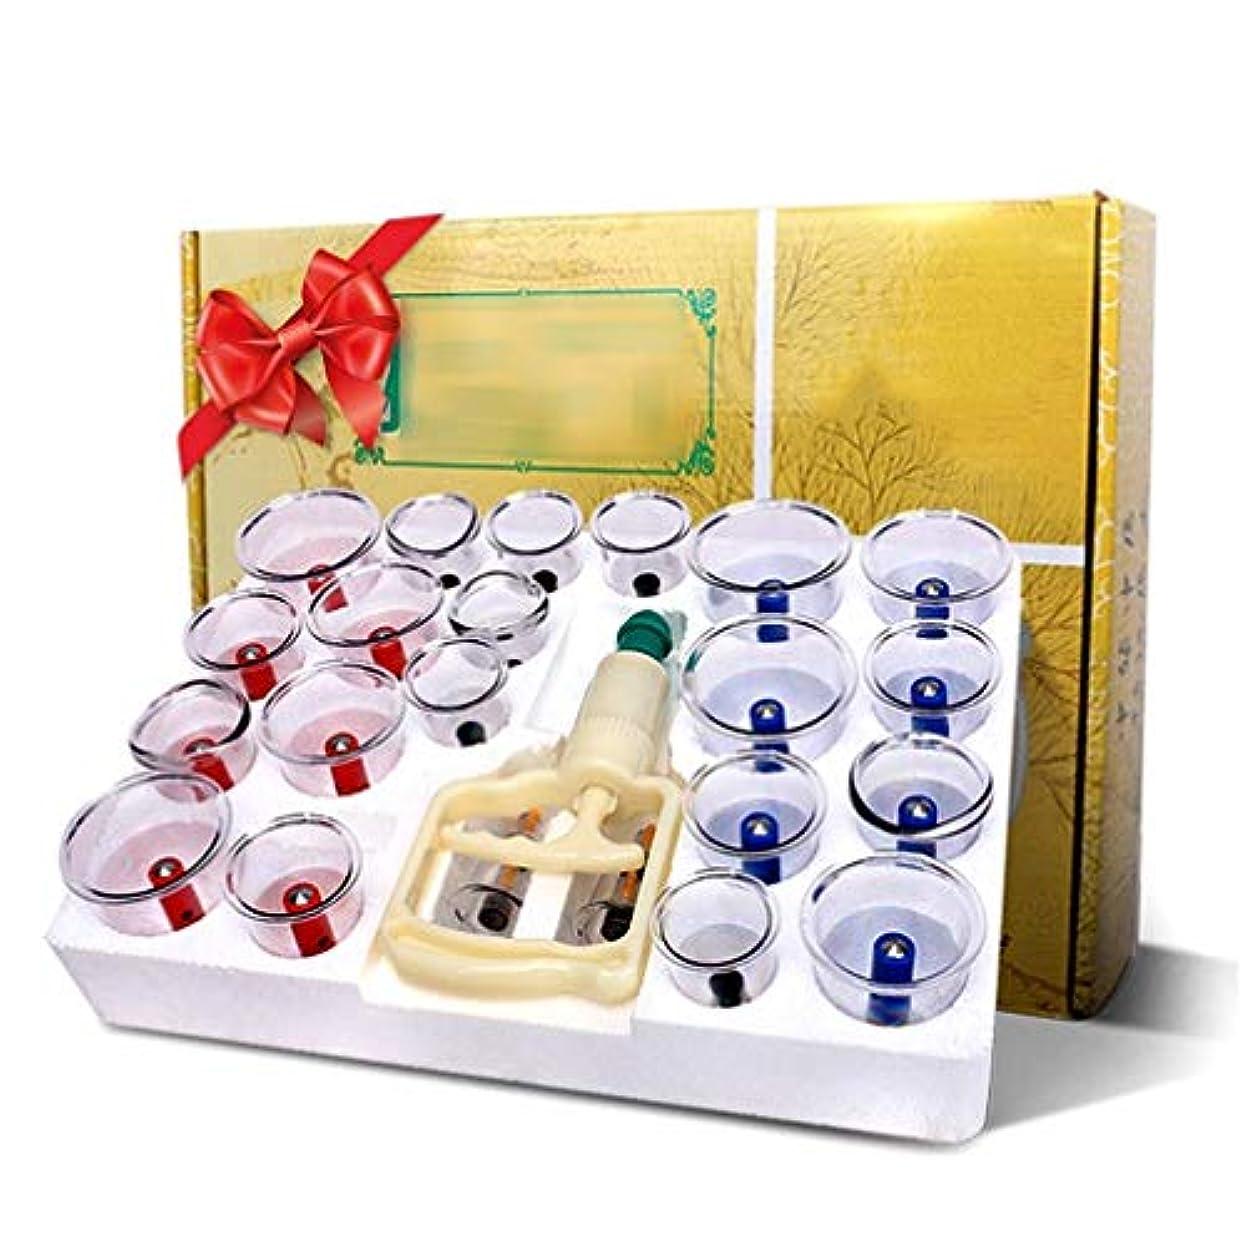 コンデンサー適切に水を飲む透明な24缶中国のカッピングマッサージ療法セット異なるサイズをカッピング - フェイスリフト痛みを軽減するには、アンチエイジングセルライトリンクルリデューサー増加ドレインセルライトリンパを削減します